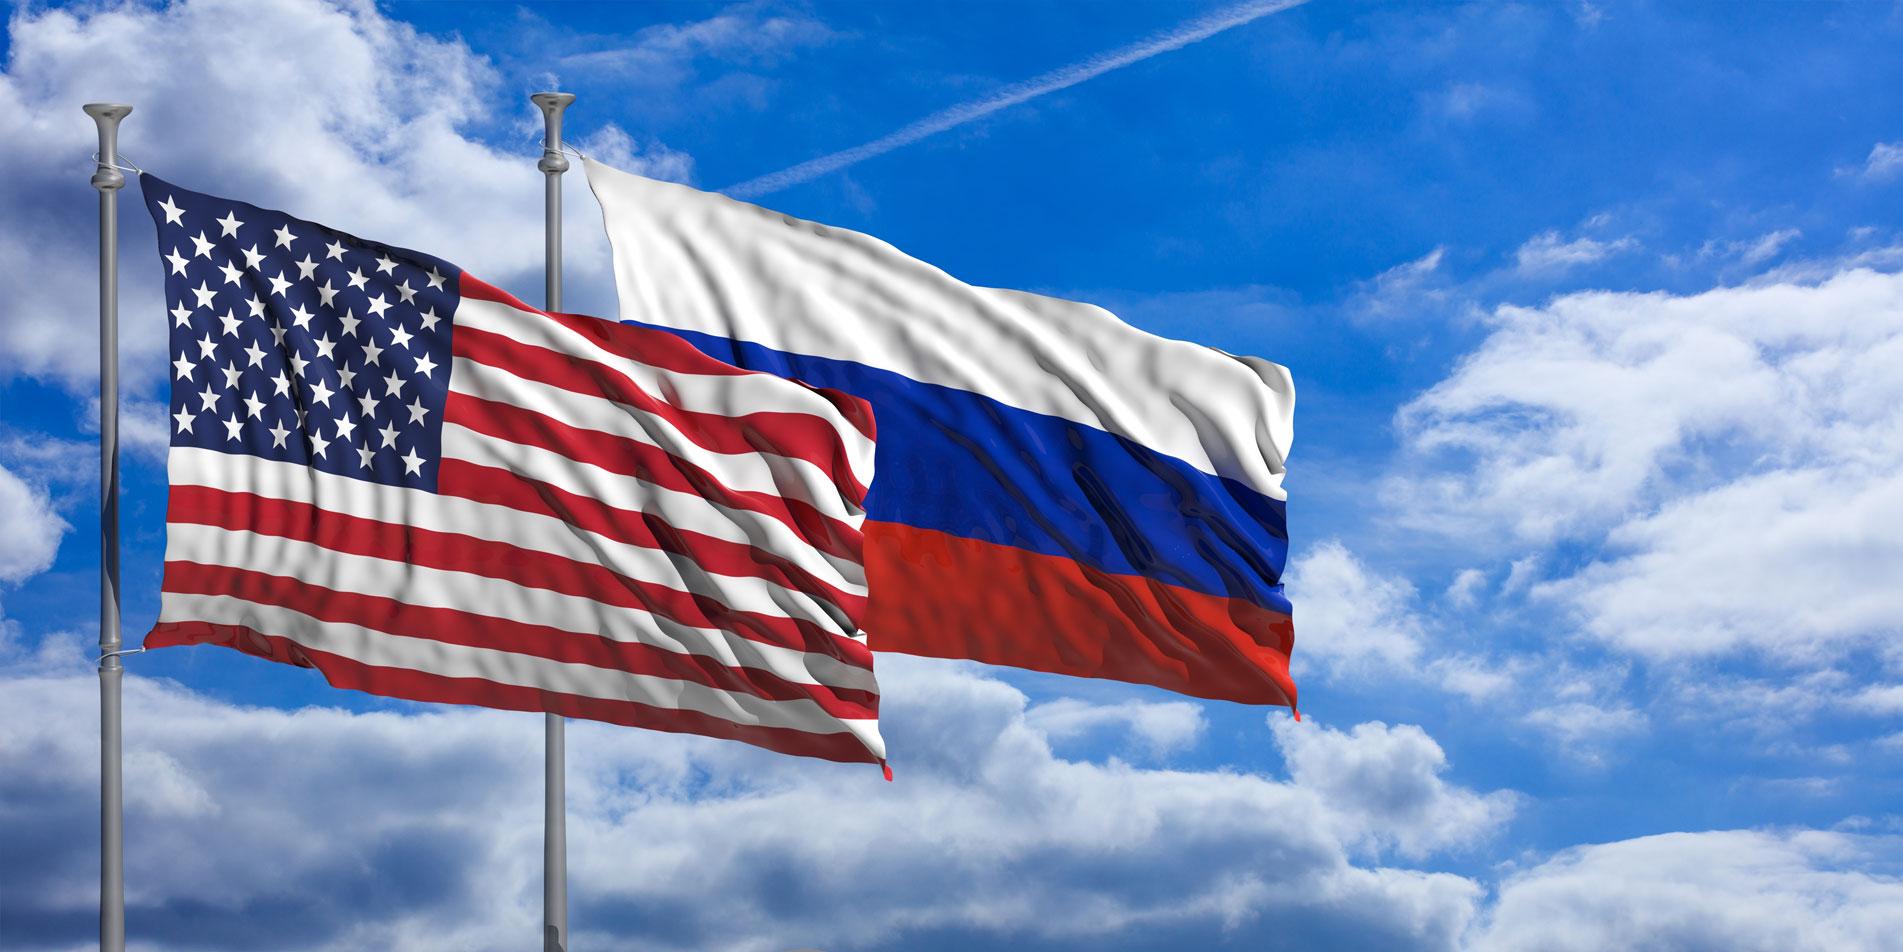 美國加重對俄羅斯制裁 專家:逢低買黃金